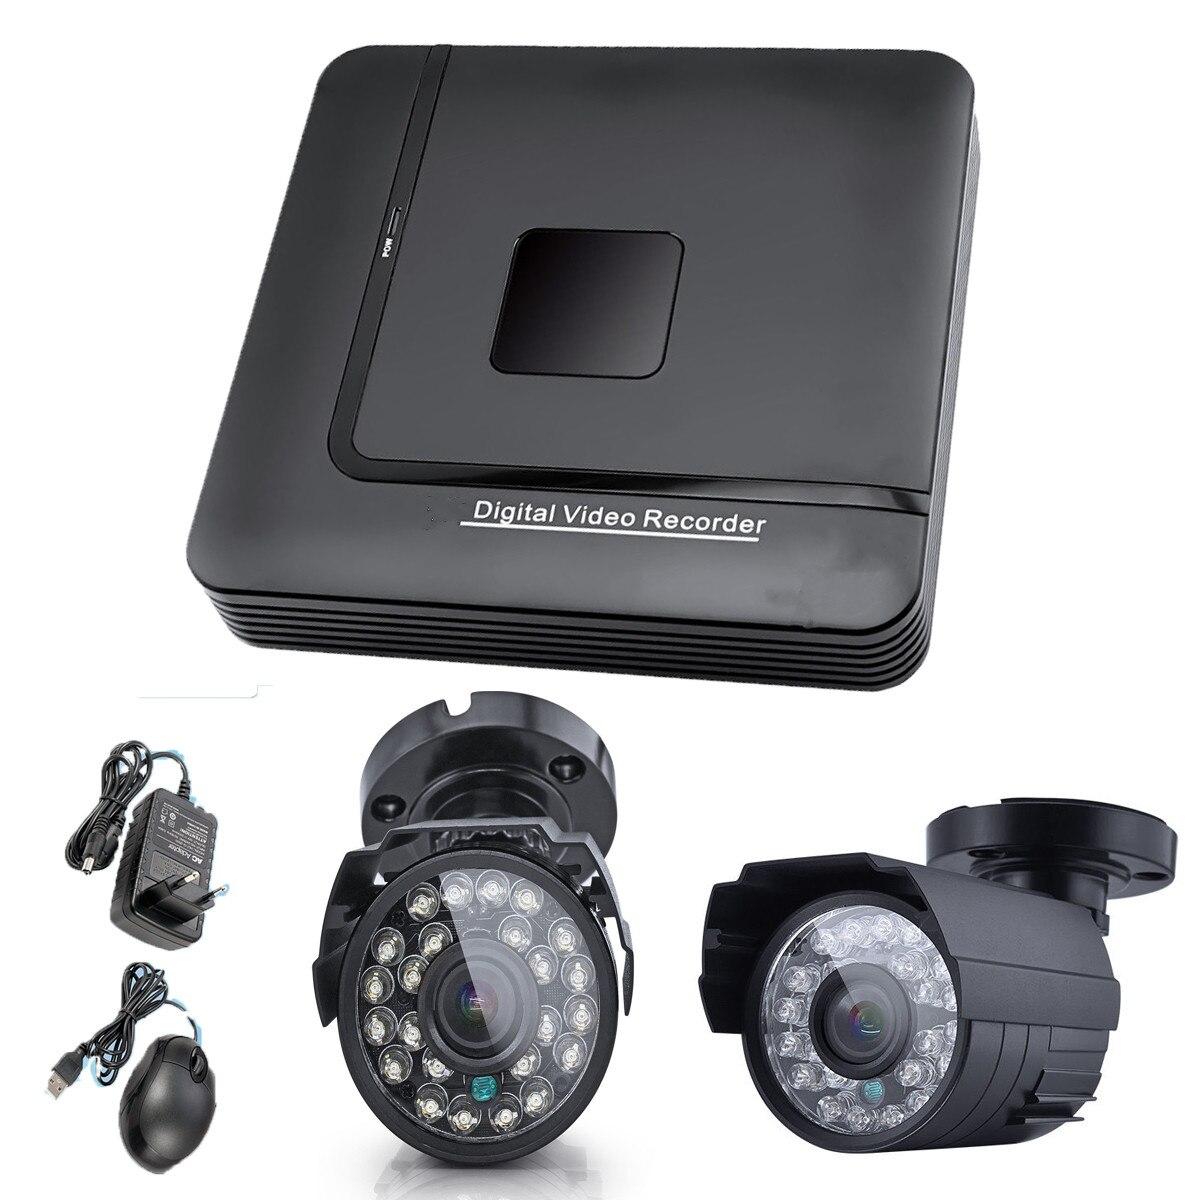 Новый 1 шт. 4ch dvr 2 шт. 1000tvl цифрового видео Камера легко Установка безопасности Системы цифрового видео Регистраторы видеонаблюдения